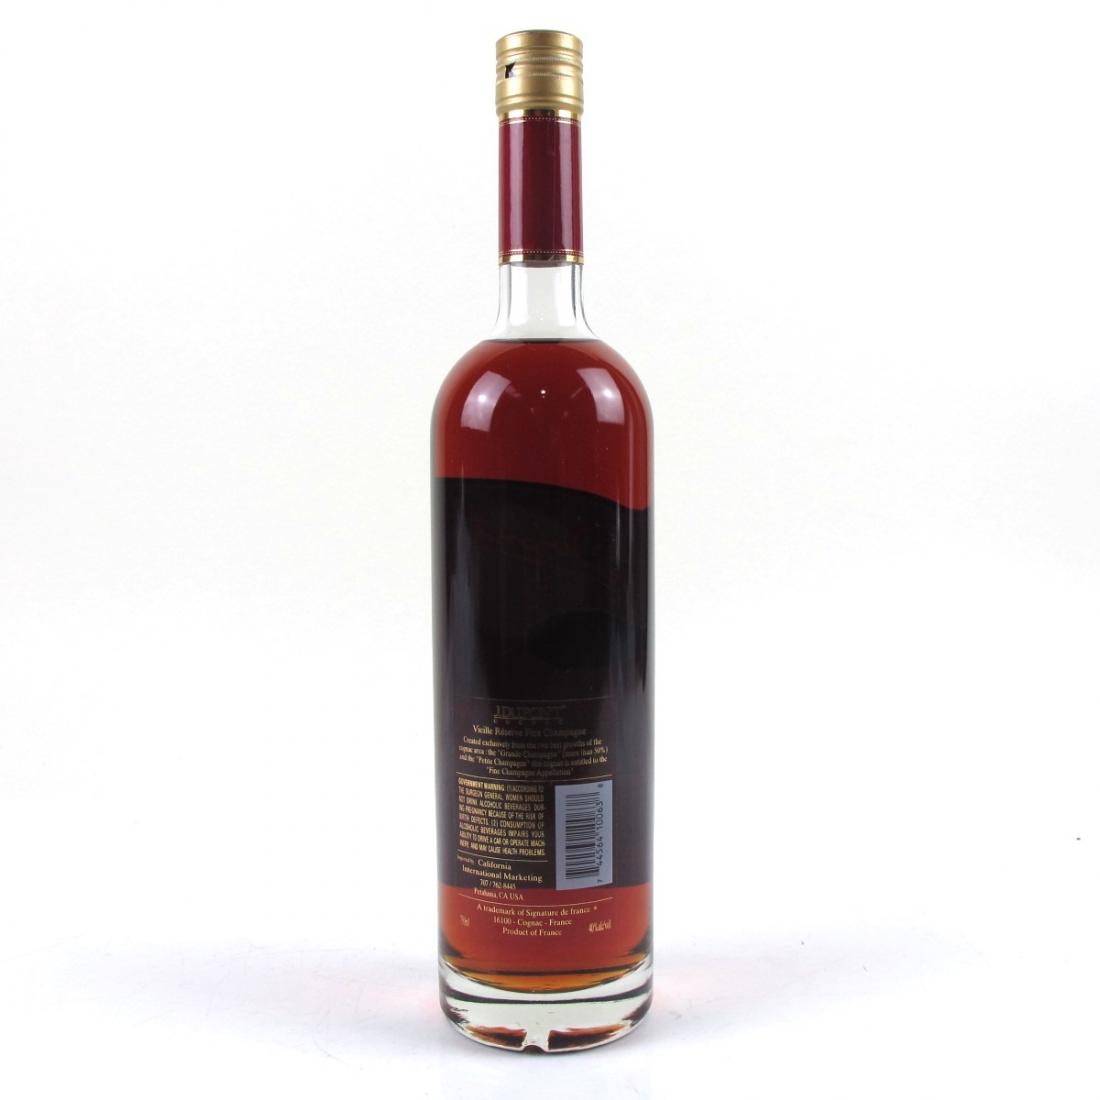 J. Dupont Fine Champagne Cognac